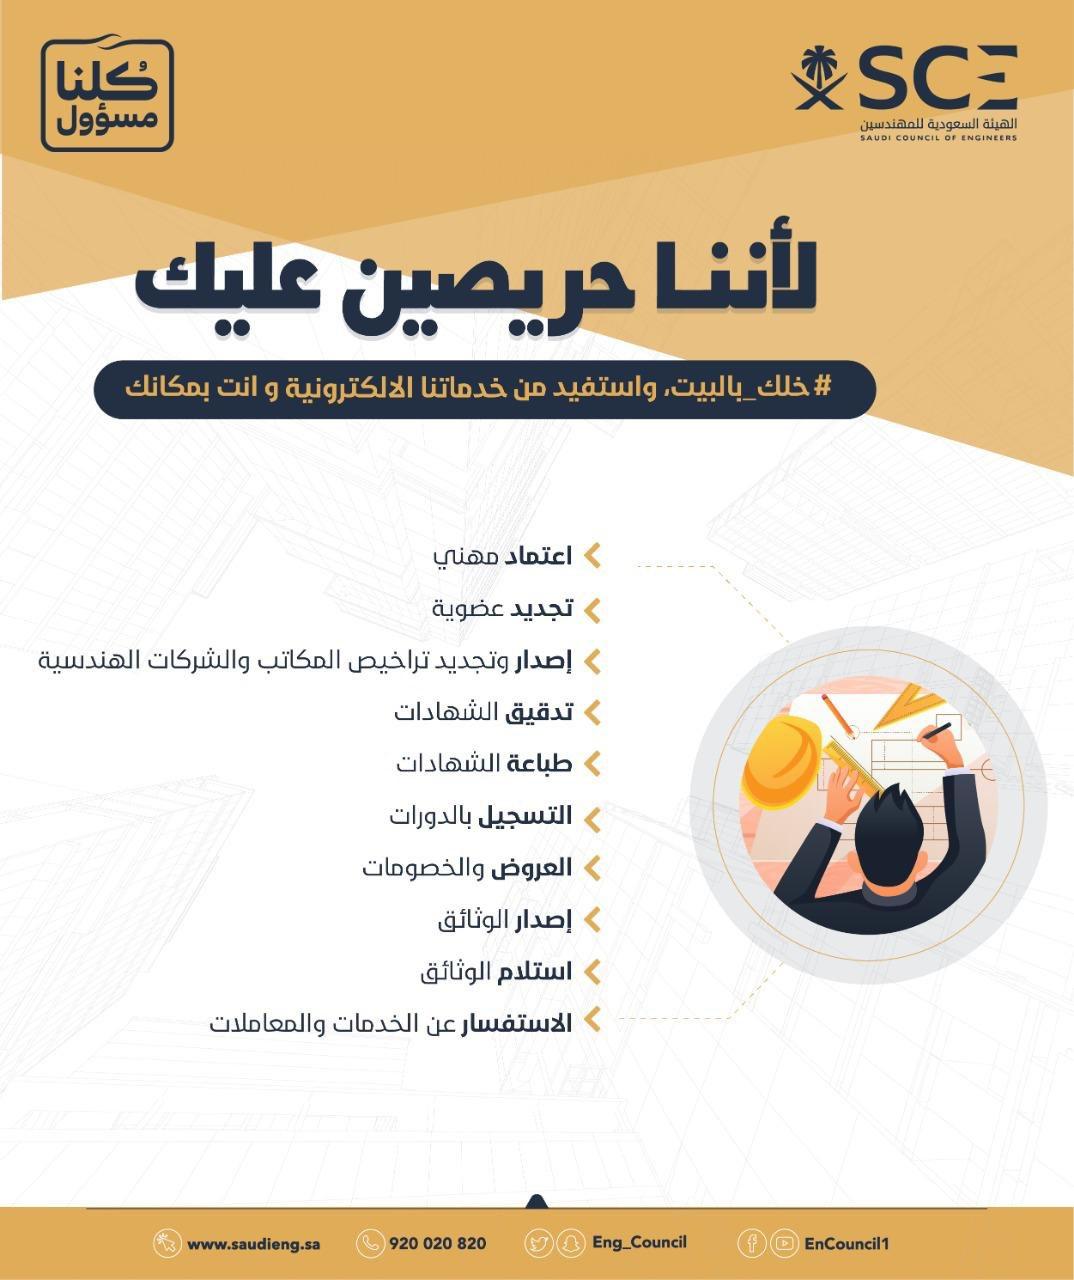 الهيئة السعودية للمهندسين En Twitter خدمات إلكترونية تقدمها لك هيئة المهندسين وأنت في بيتك كلنا مسؤول